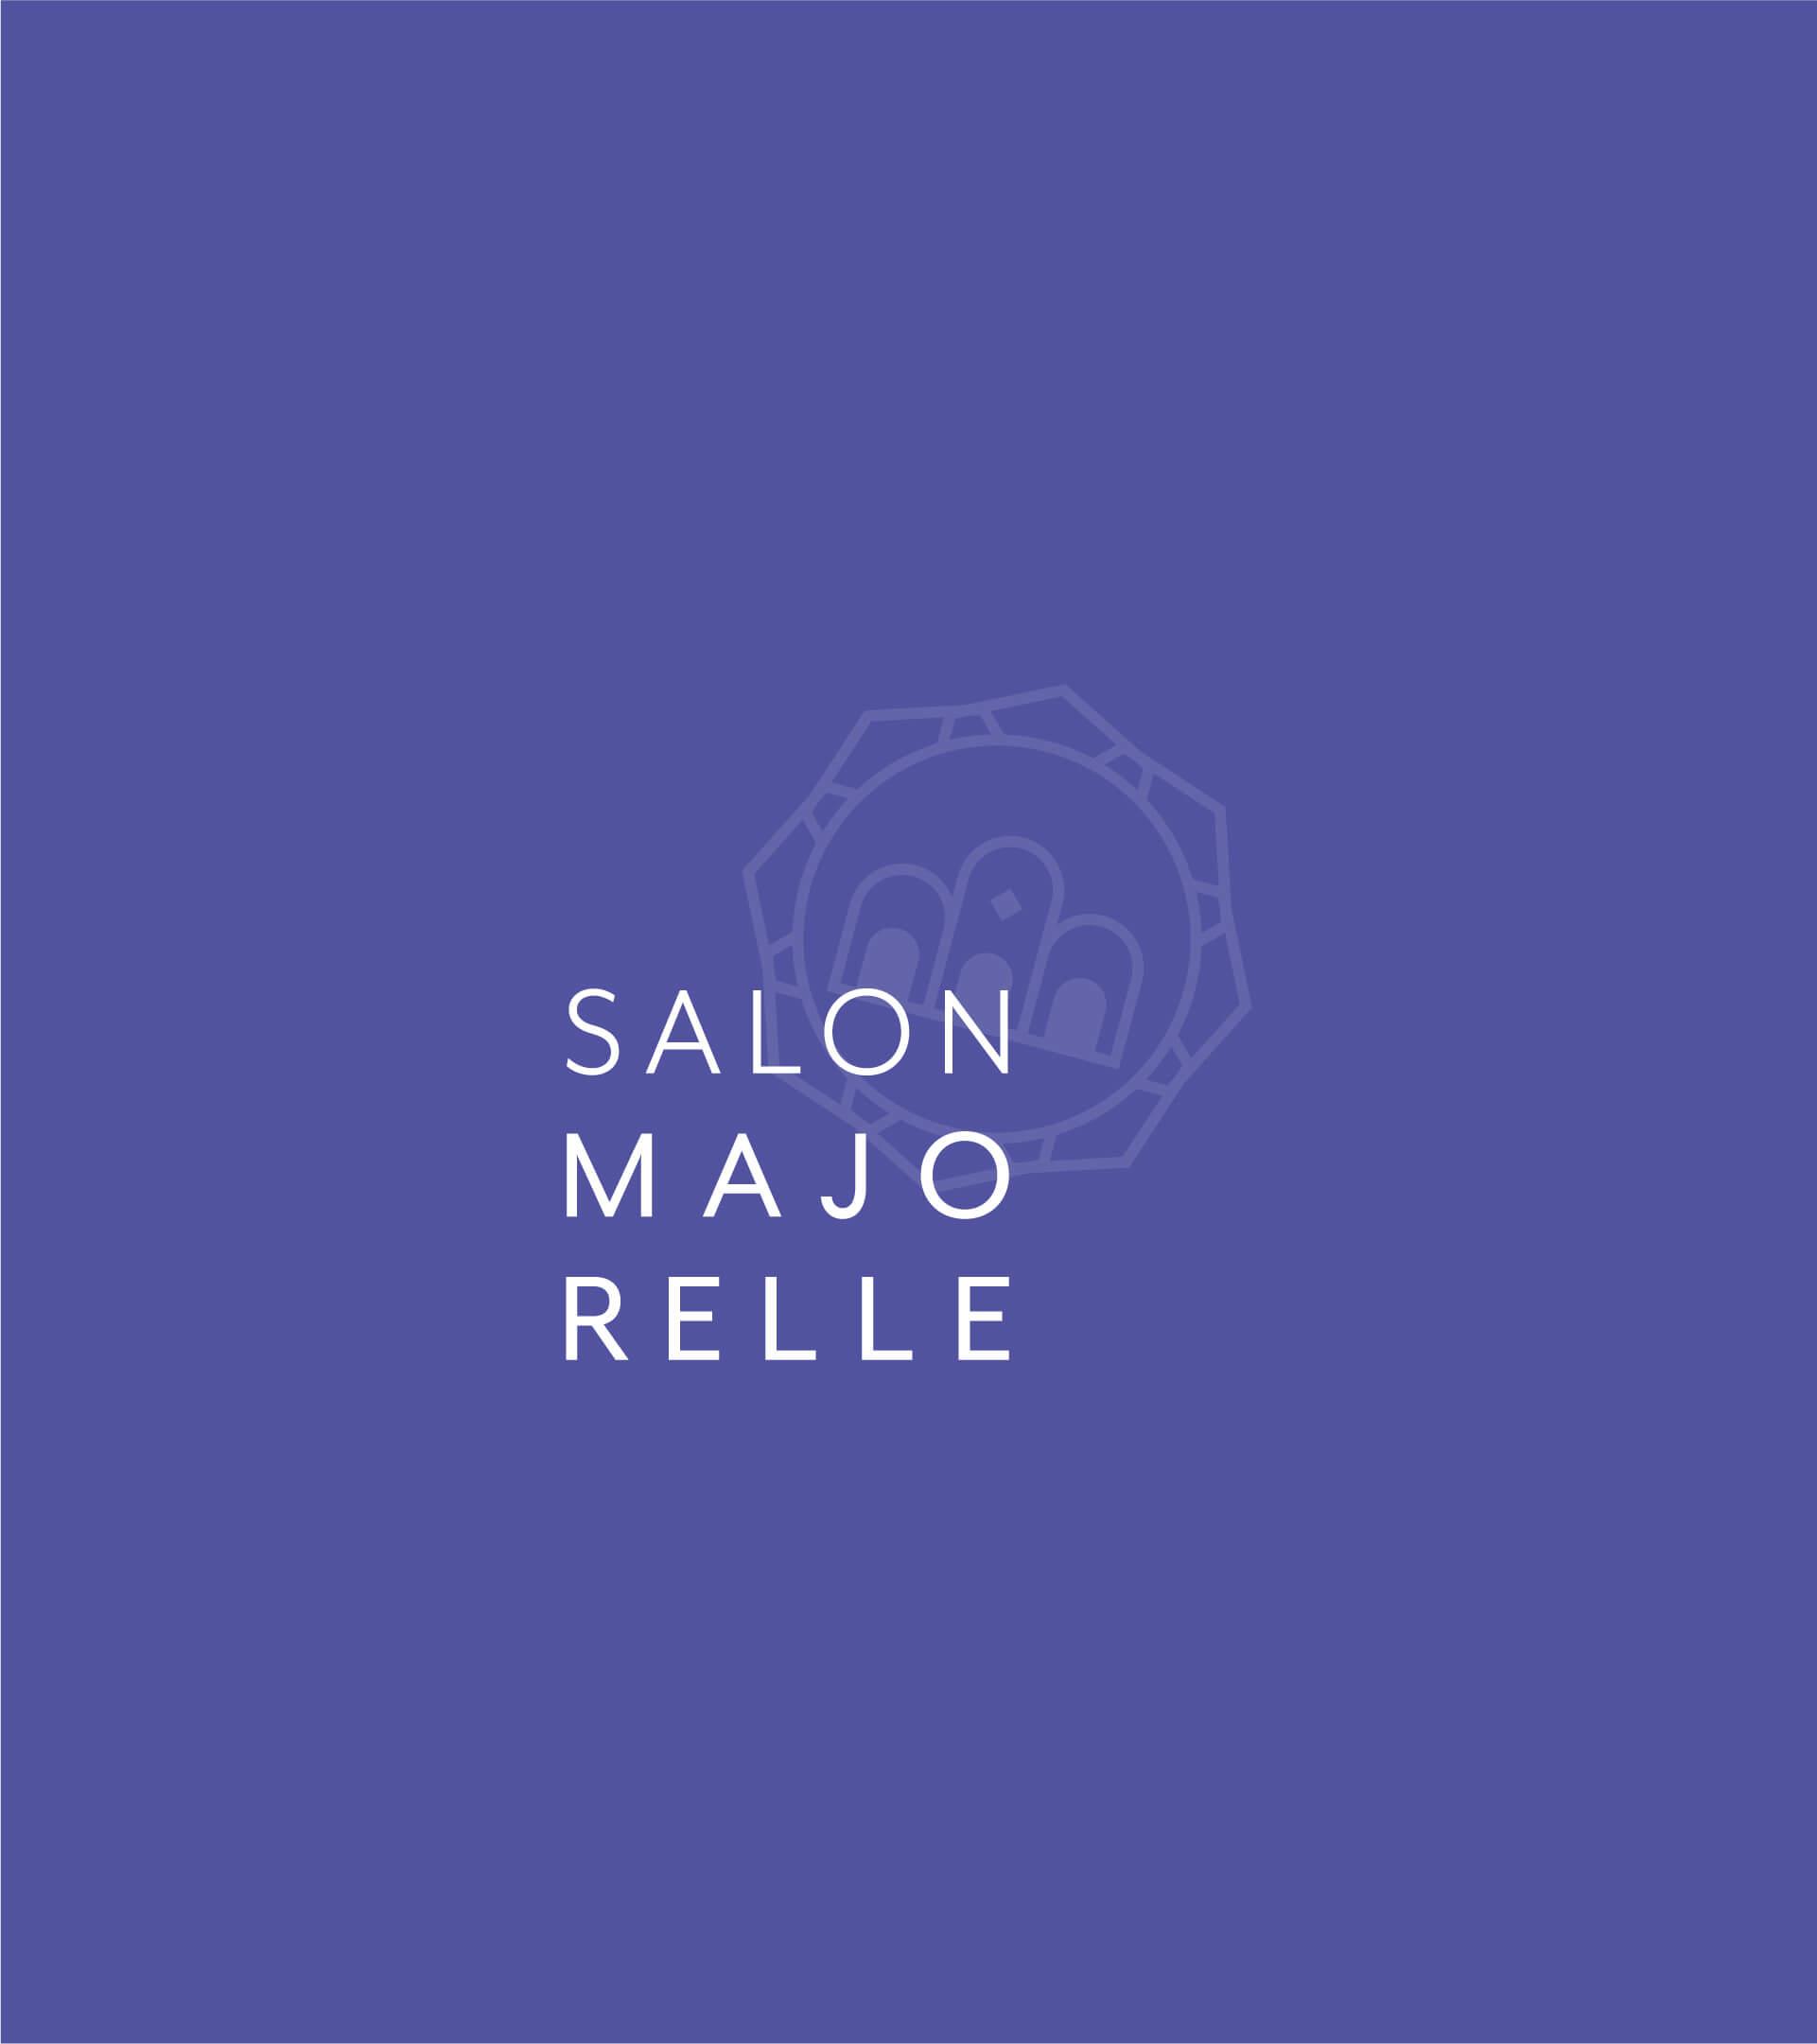 Variante numéro 3 du logo du Salon Majorelle